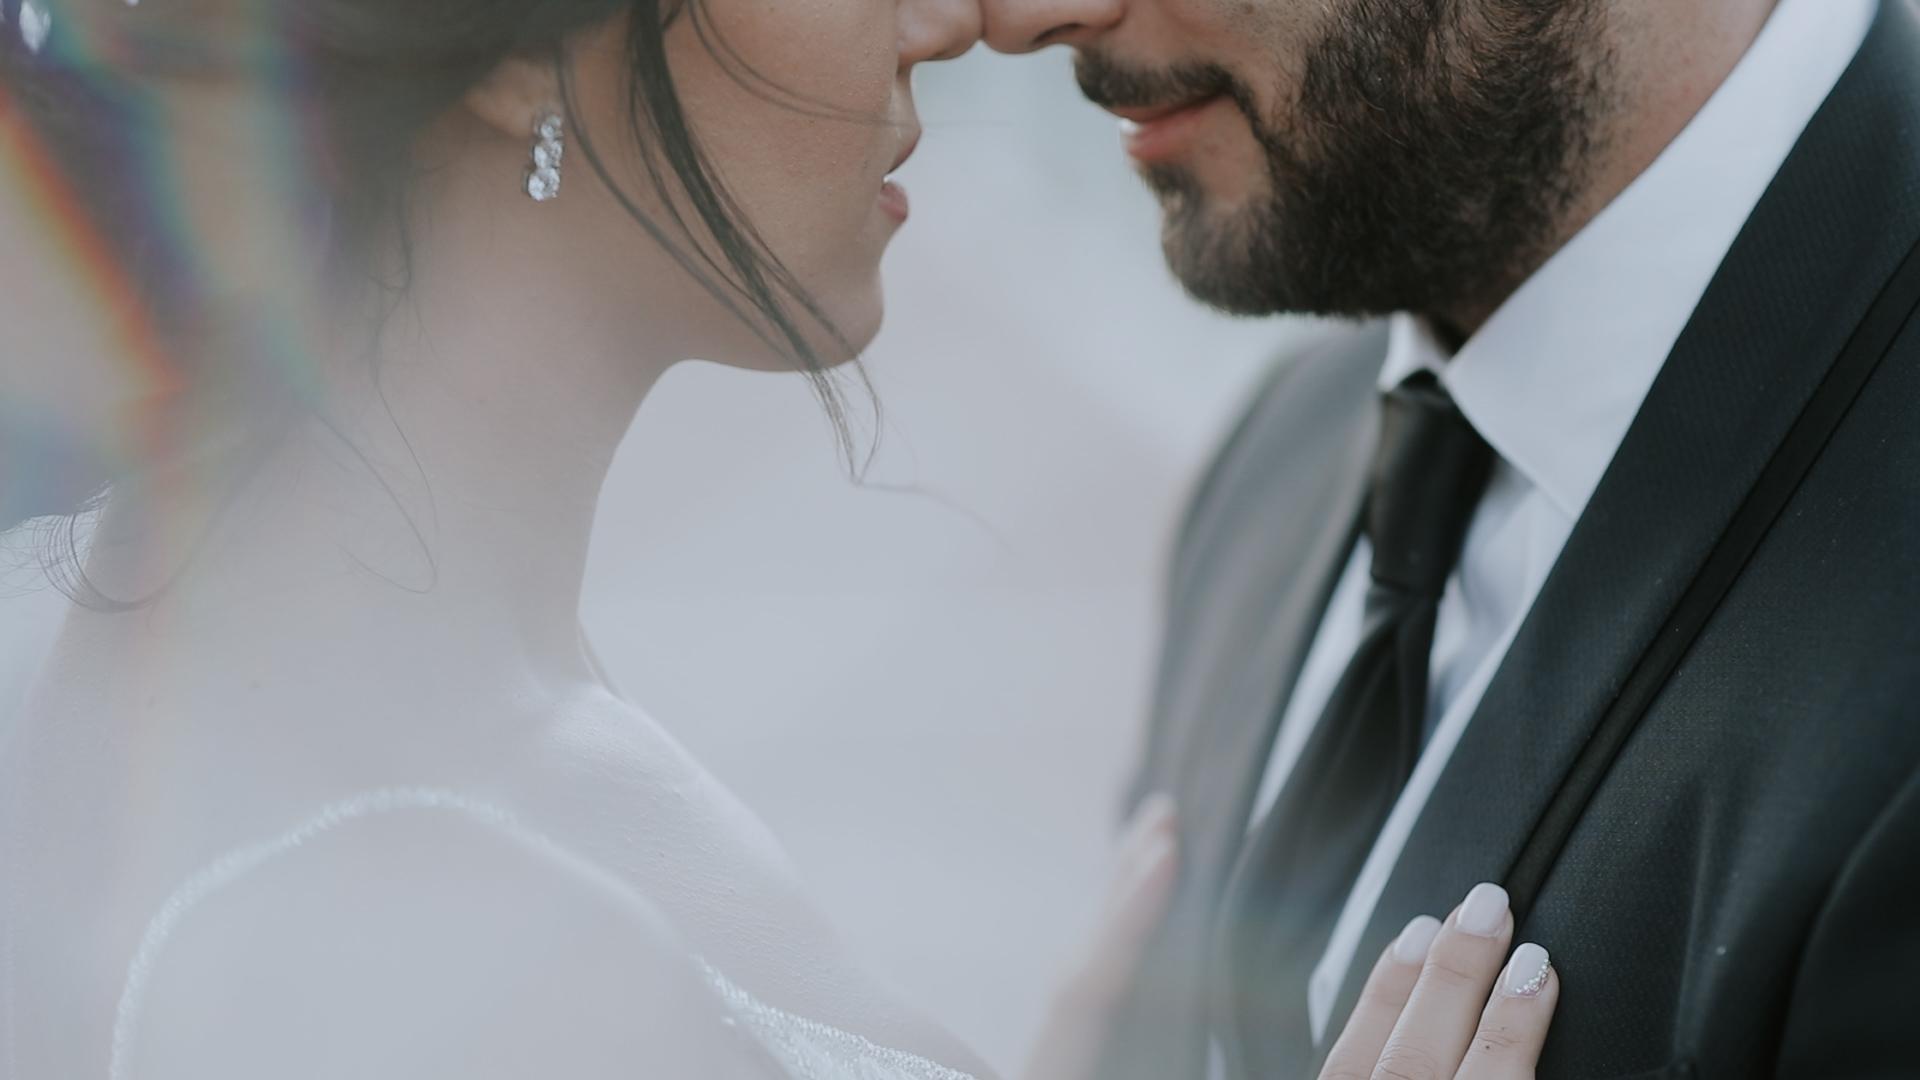 FILM.00_01_37_17.Immagine006 Romantic Wedding